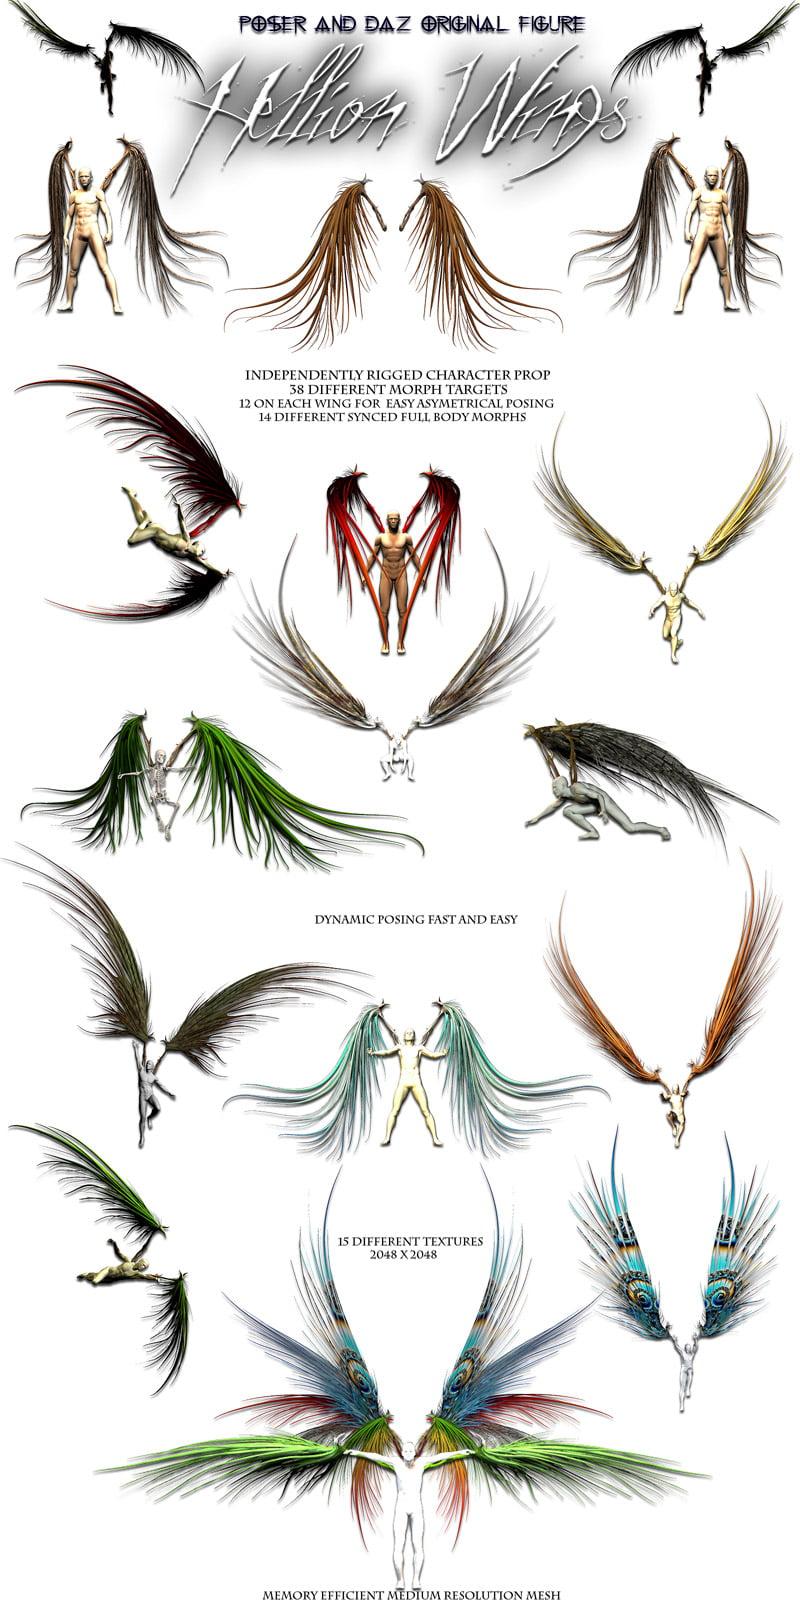 Hellion Wings